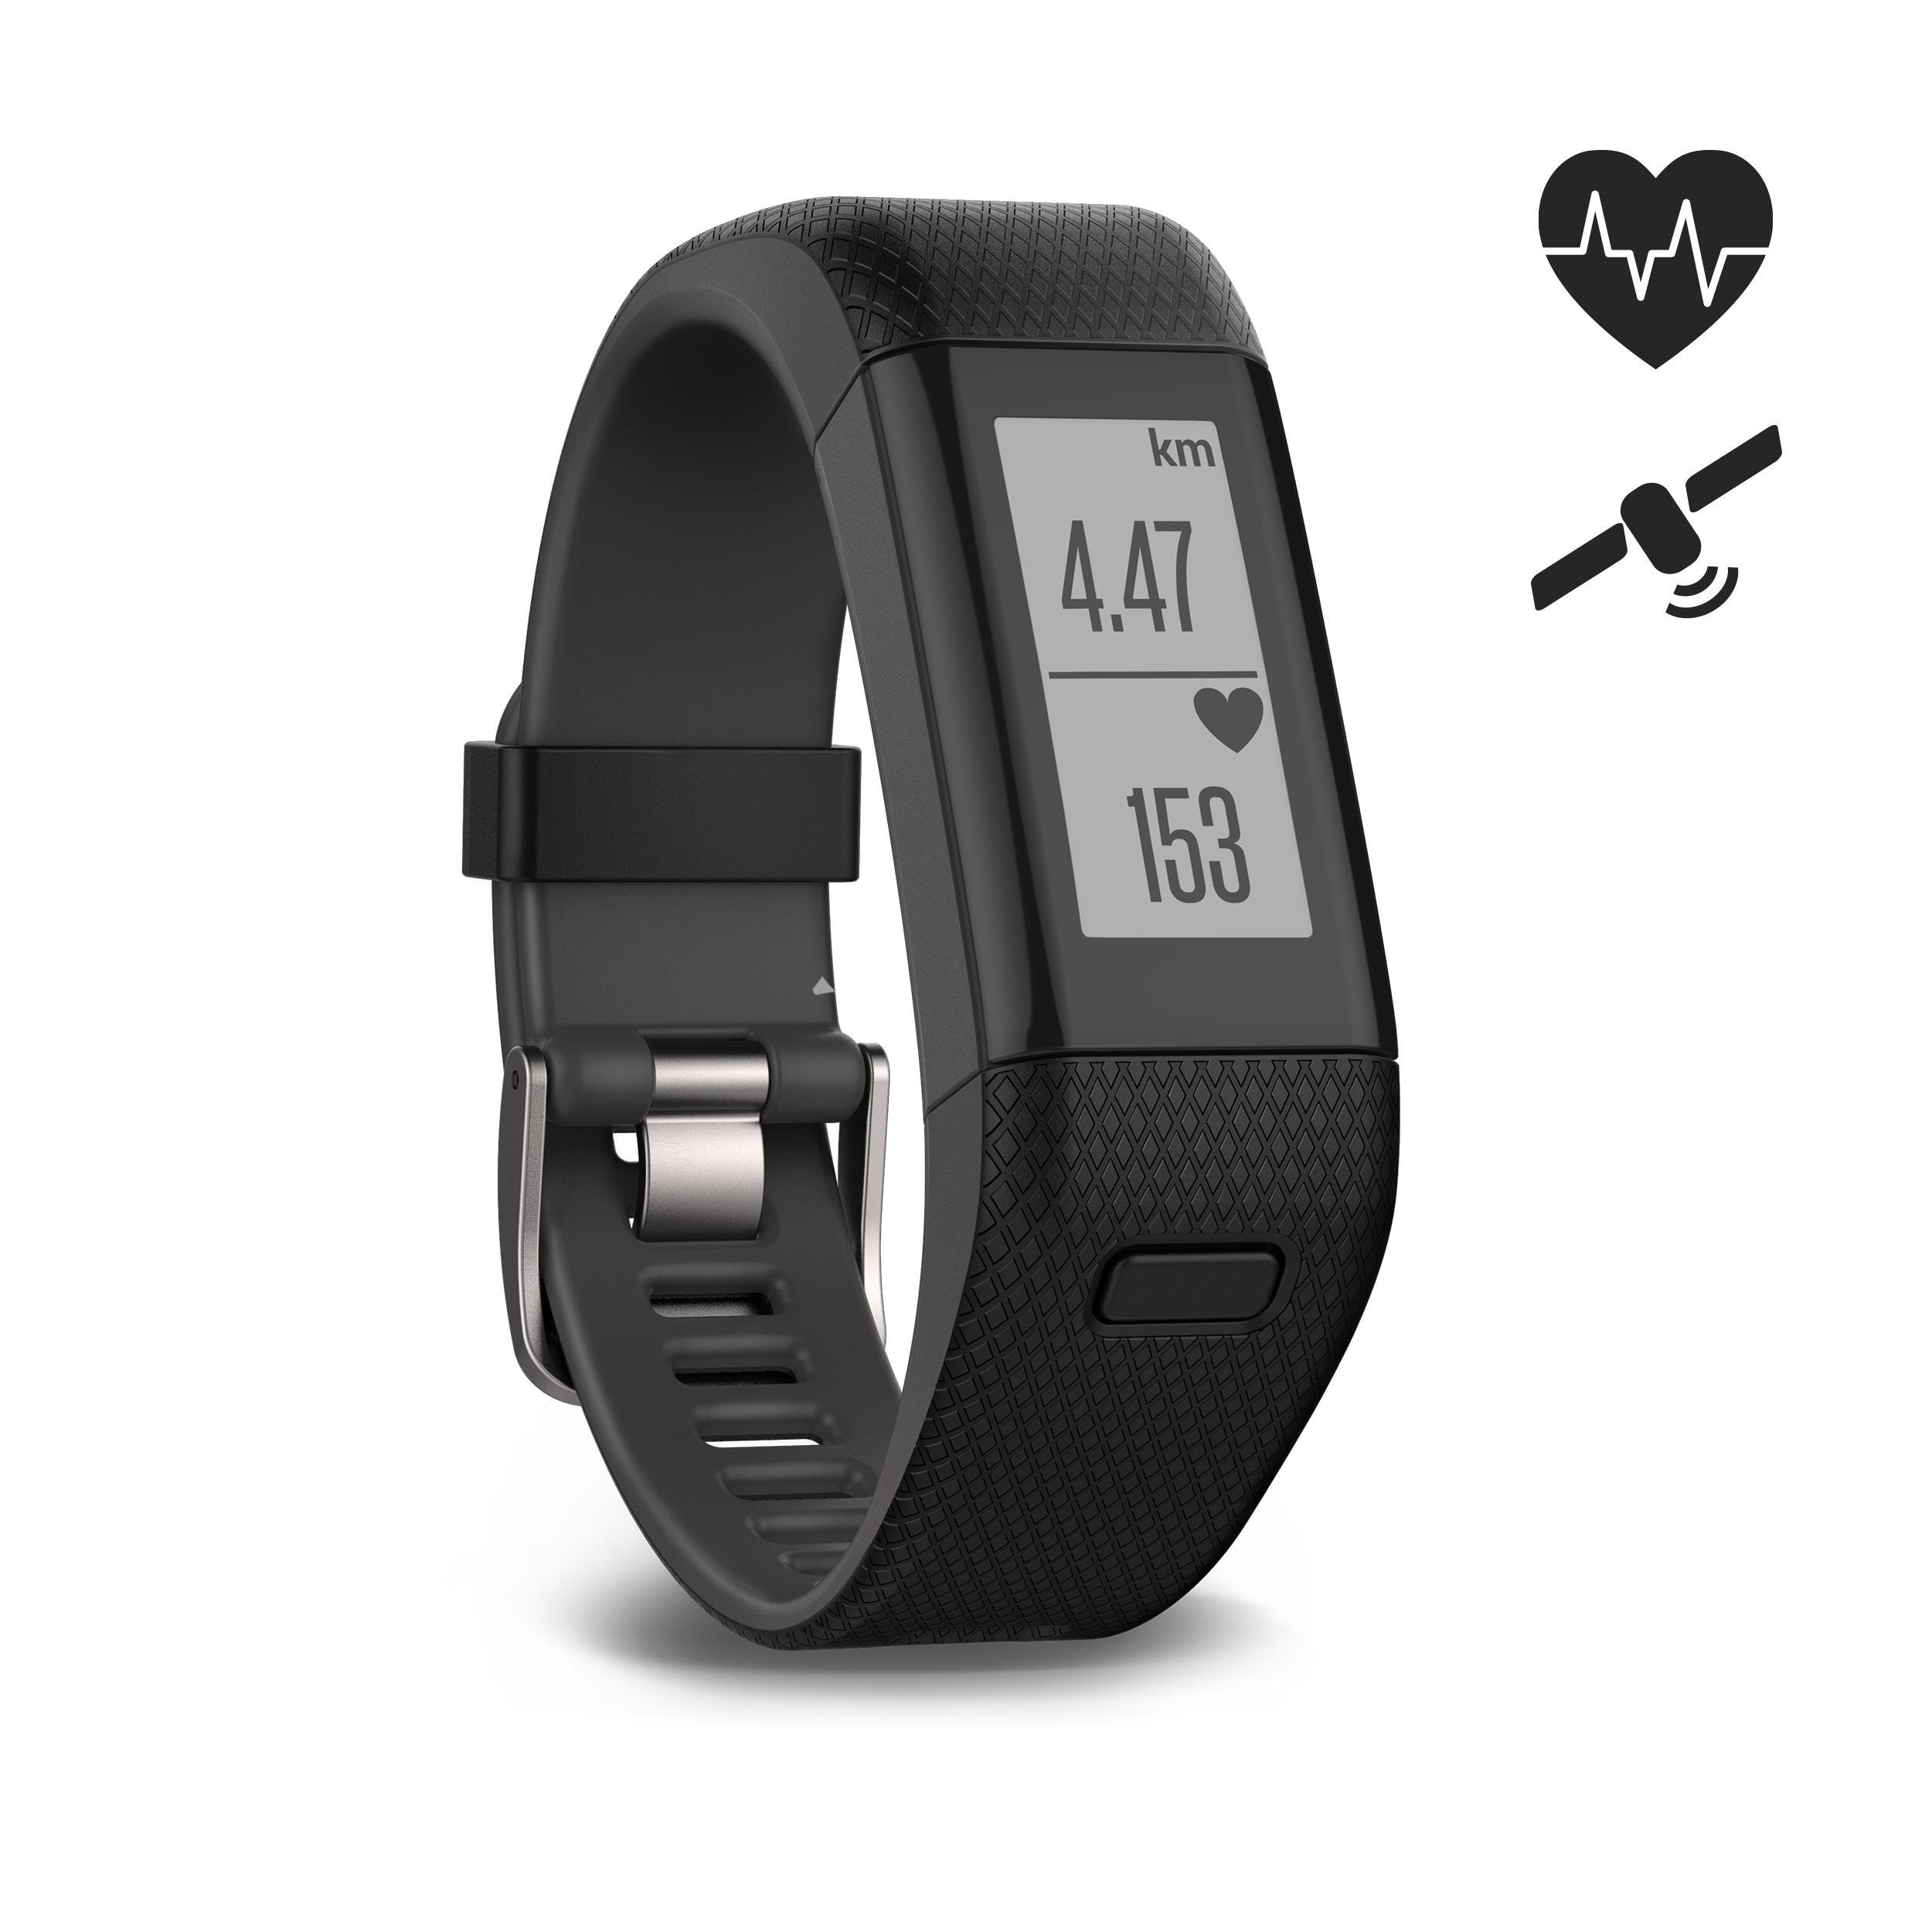 Garmin Activity tracker Vivosmart HR+ met polshartslagmeter, zwart